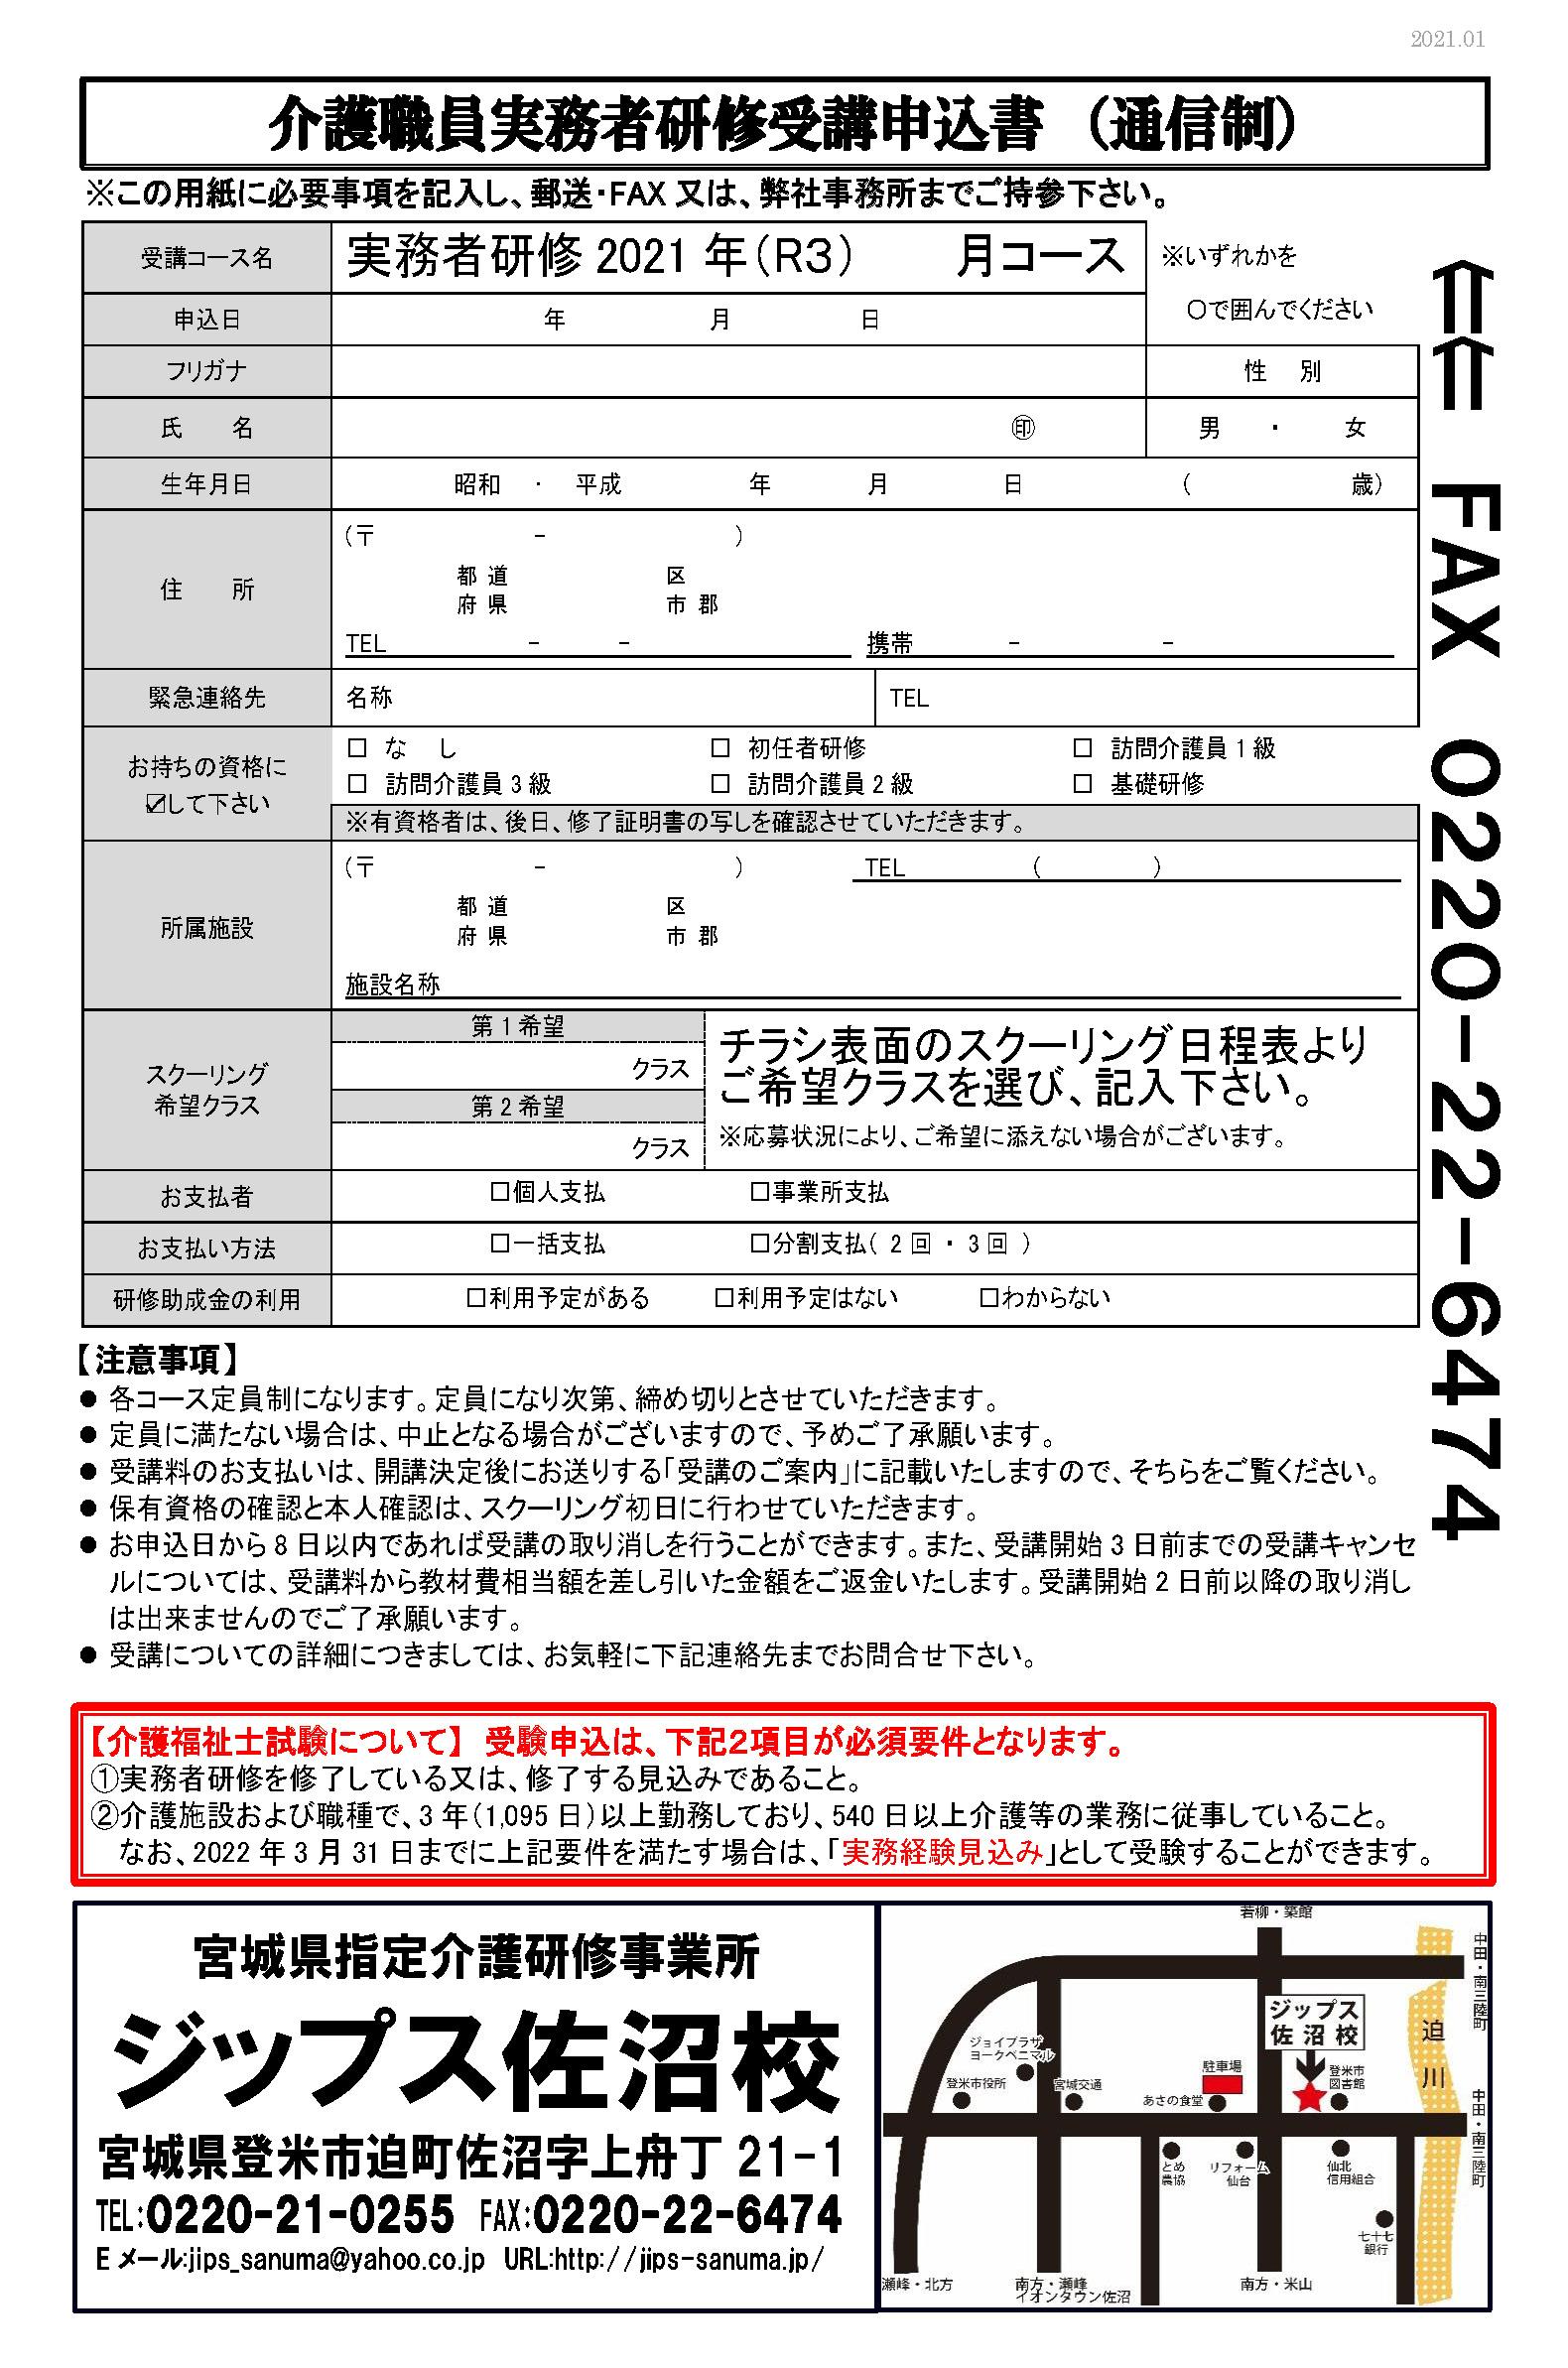 実務者総合チラシ2021年年間スケジュール版_ページ_2